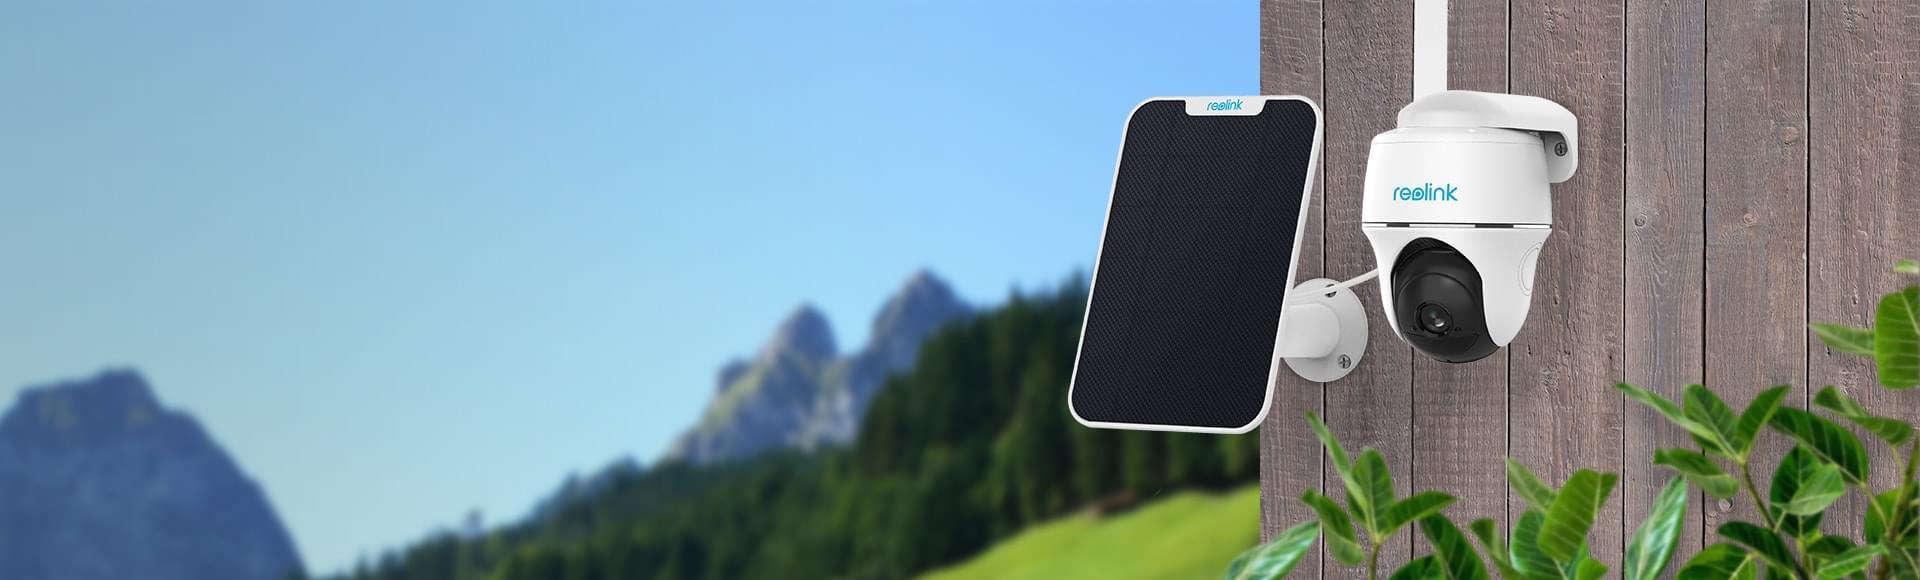 4G kabellose Überwachungskamera mit Solarbetrieb, Schwenk- und Neigefunktion